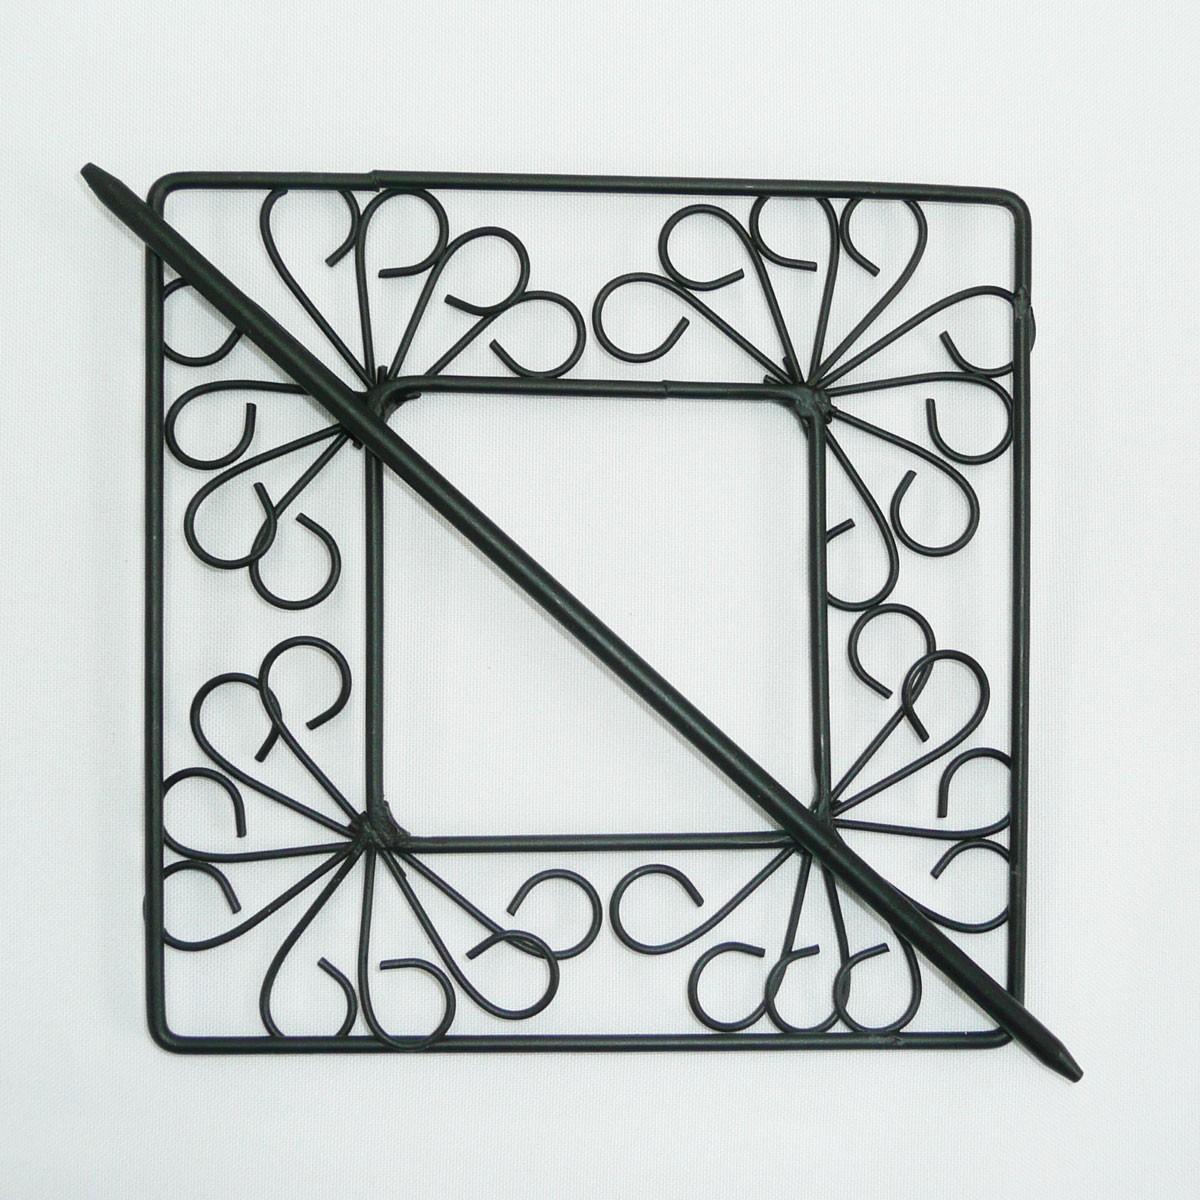 deko klammern metall eckig ornament schwarz mit stab 15x15cm gardinenstangen zubeh r. Black Bedroom Furniture Sets. Home Design Ideas